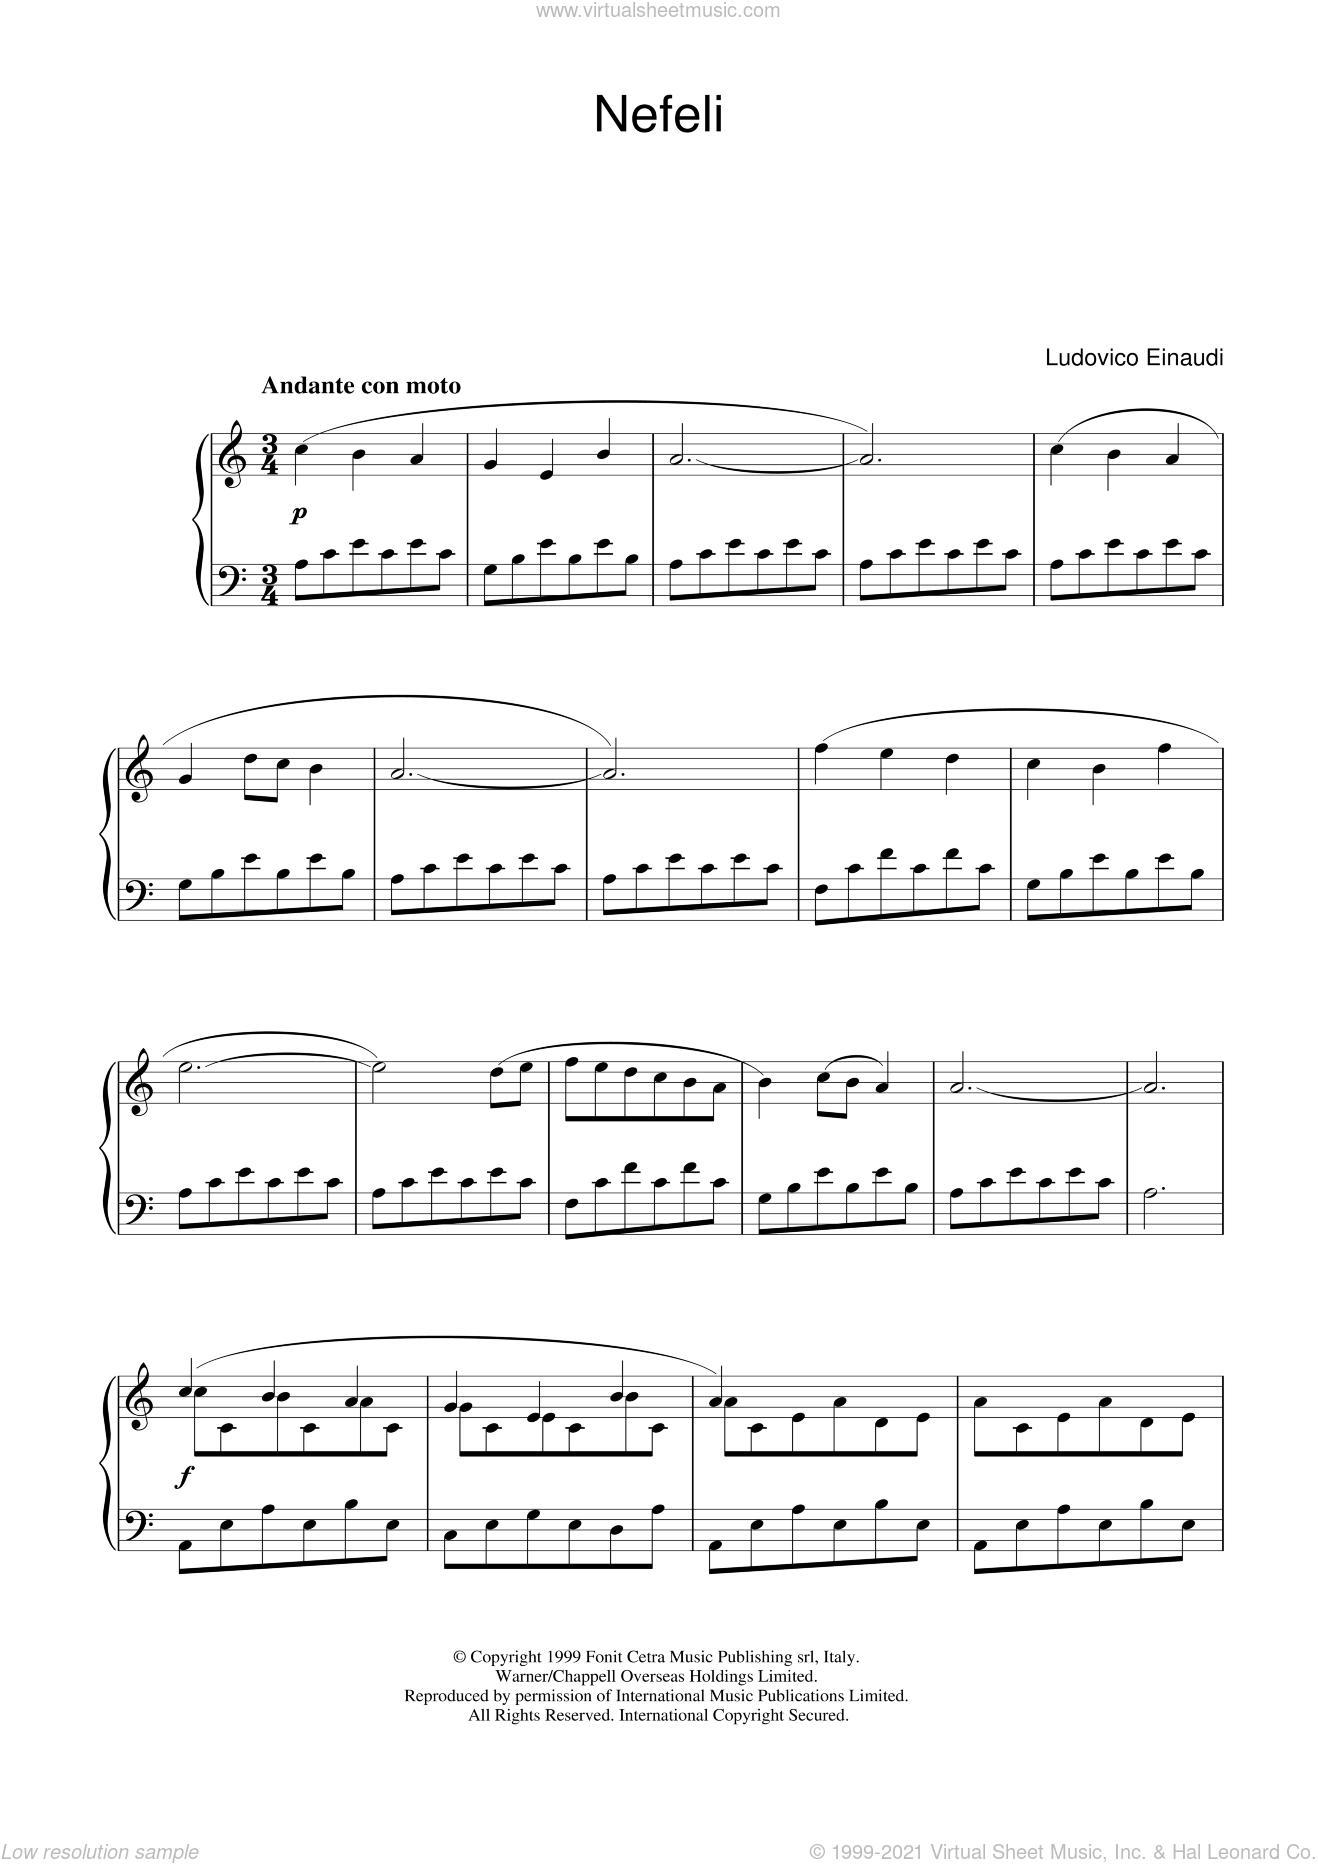 Nefeli sheet music for piano solo by Ludovico Einaudi, classical score, intermediate skill level